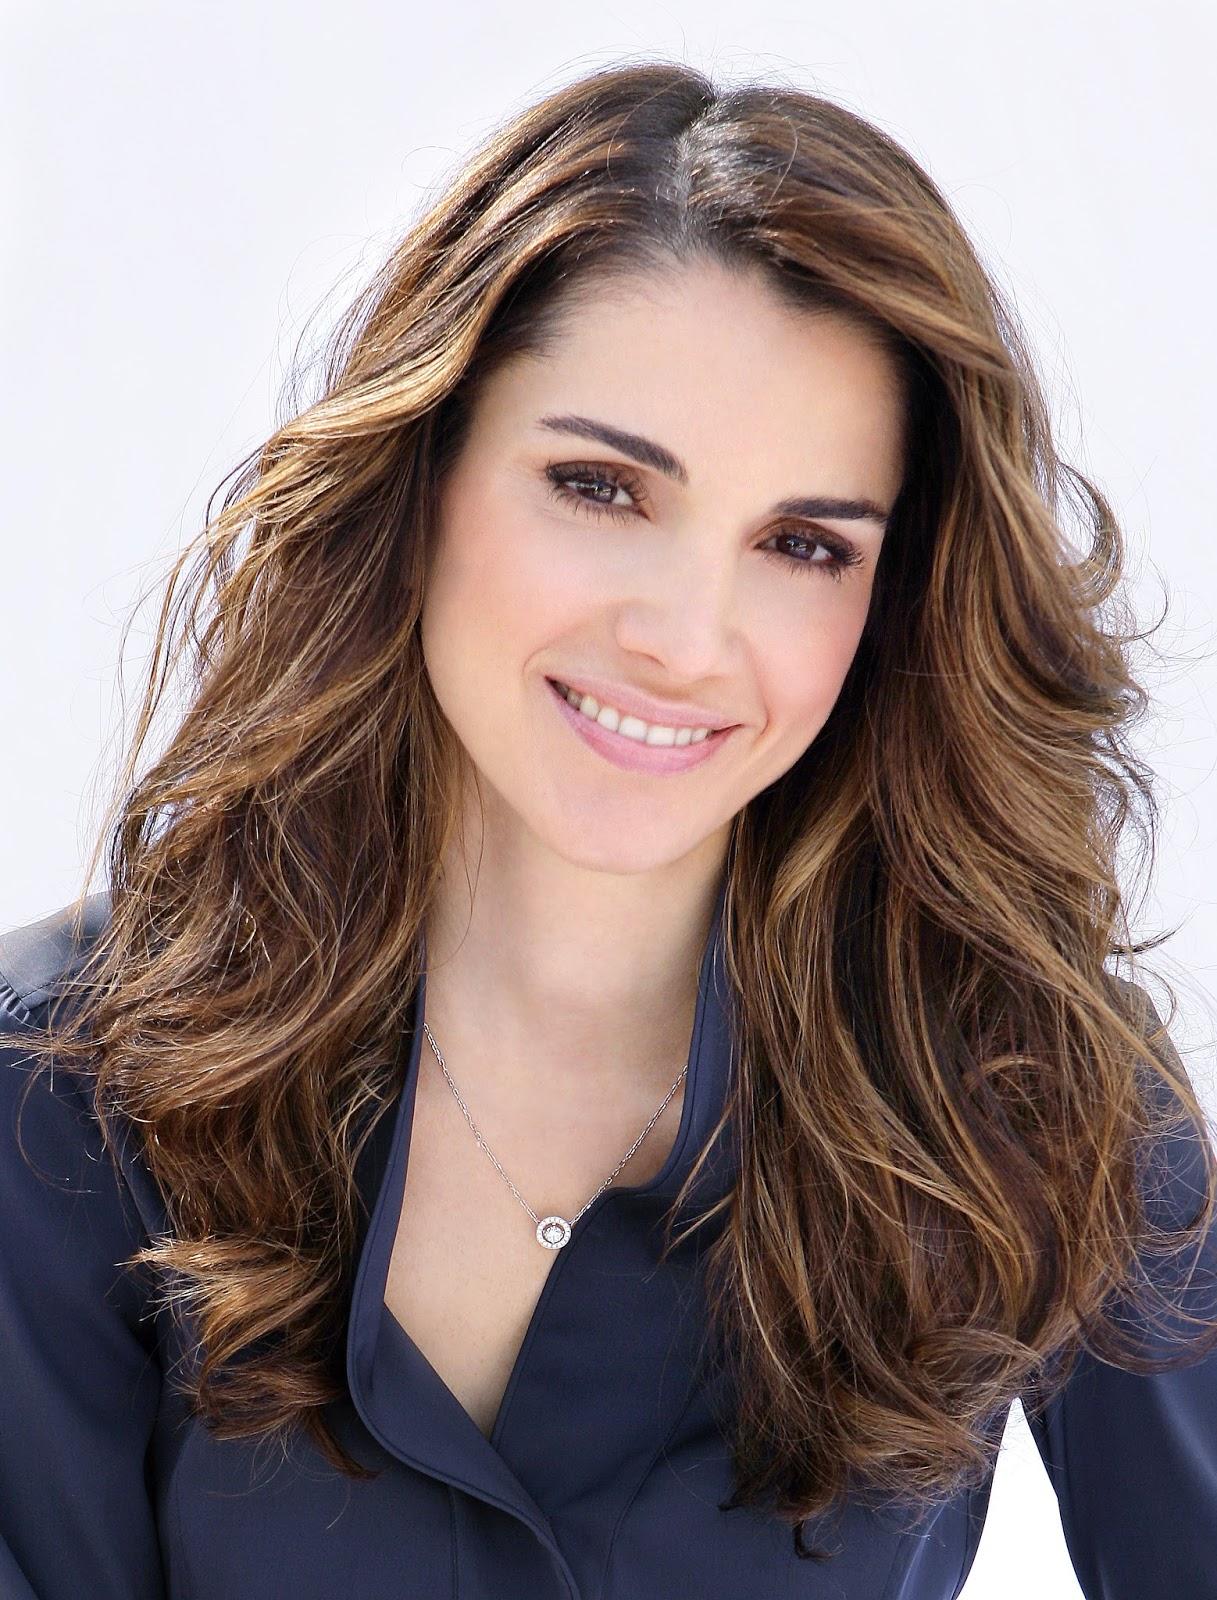 EBL: Queen Rania al Abdullah of Jordan Rule 5 Queen Rania Al Abdullah